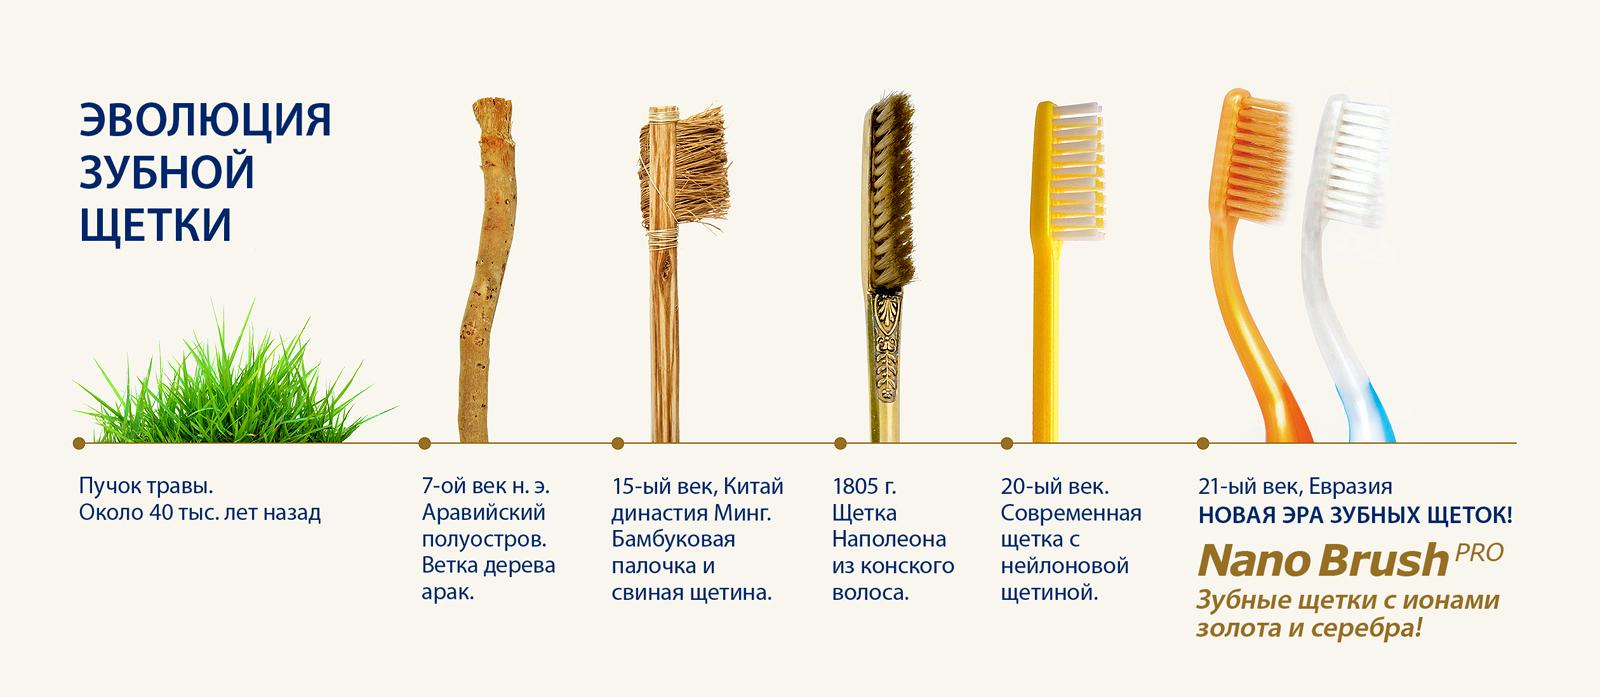 возможно когда появилась зубная щетка недвижимости Усть-Кинельский